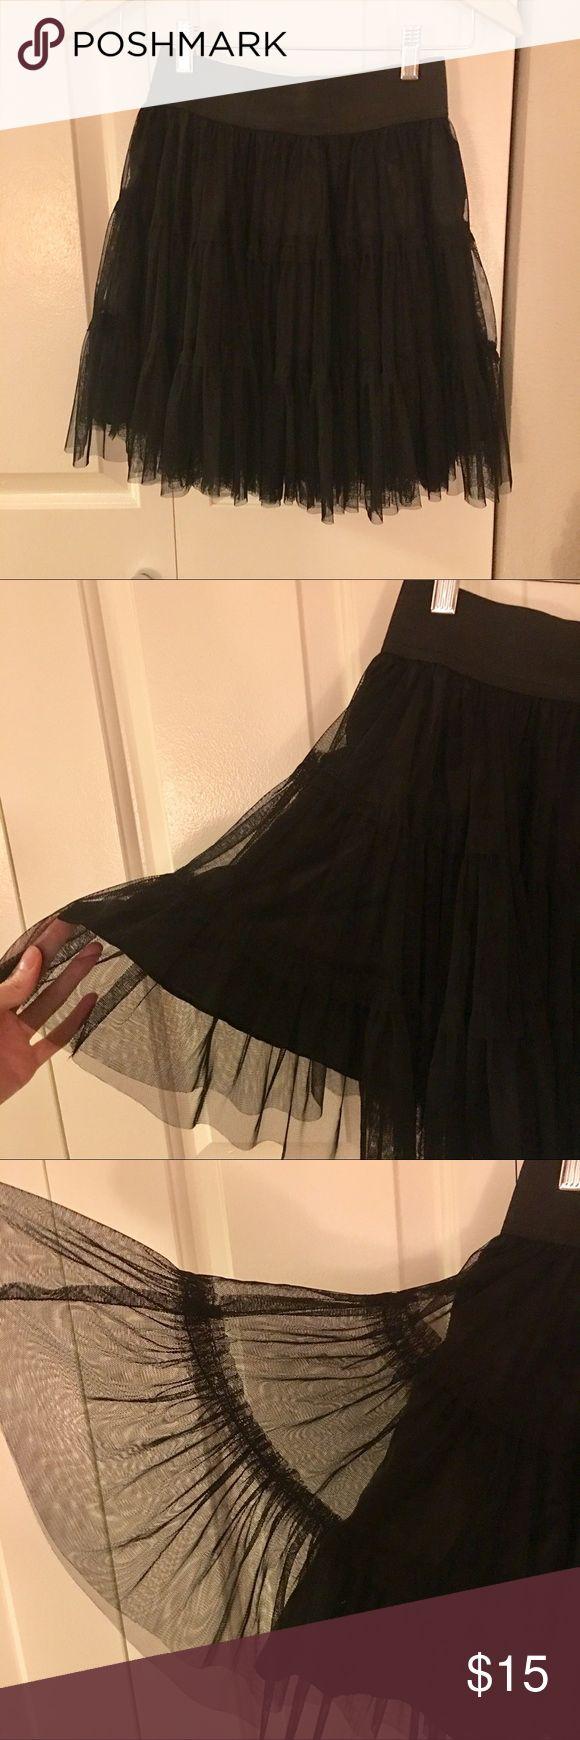 Black Tutu skirt Black Tutu skirt with elastic waist. Above the knee lenght Forever 21 Skirts Midi